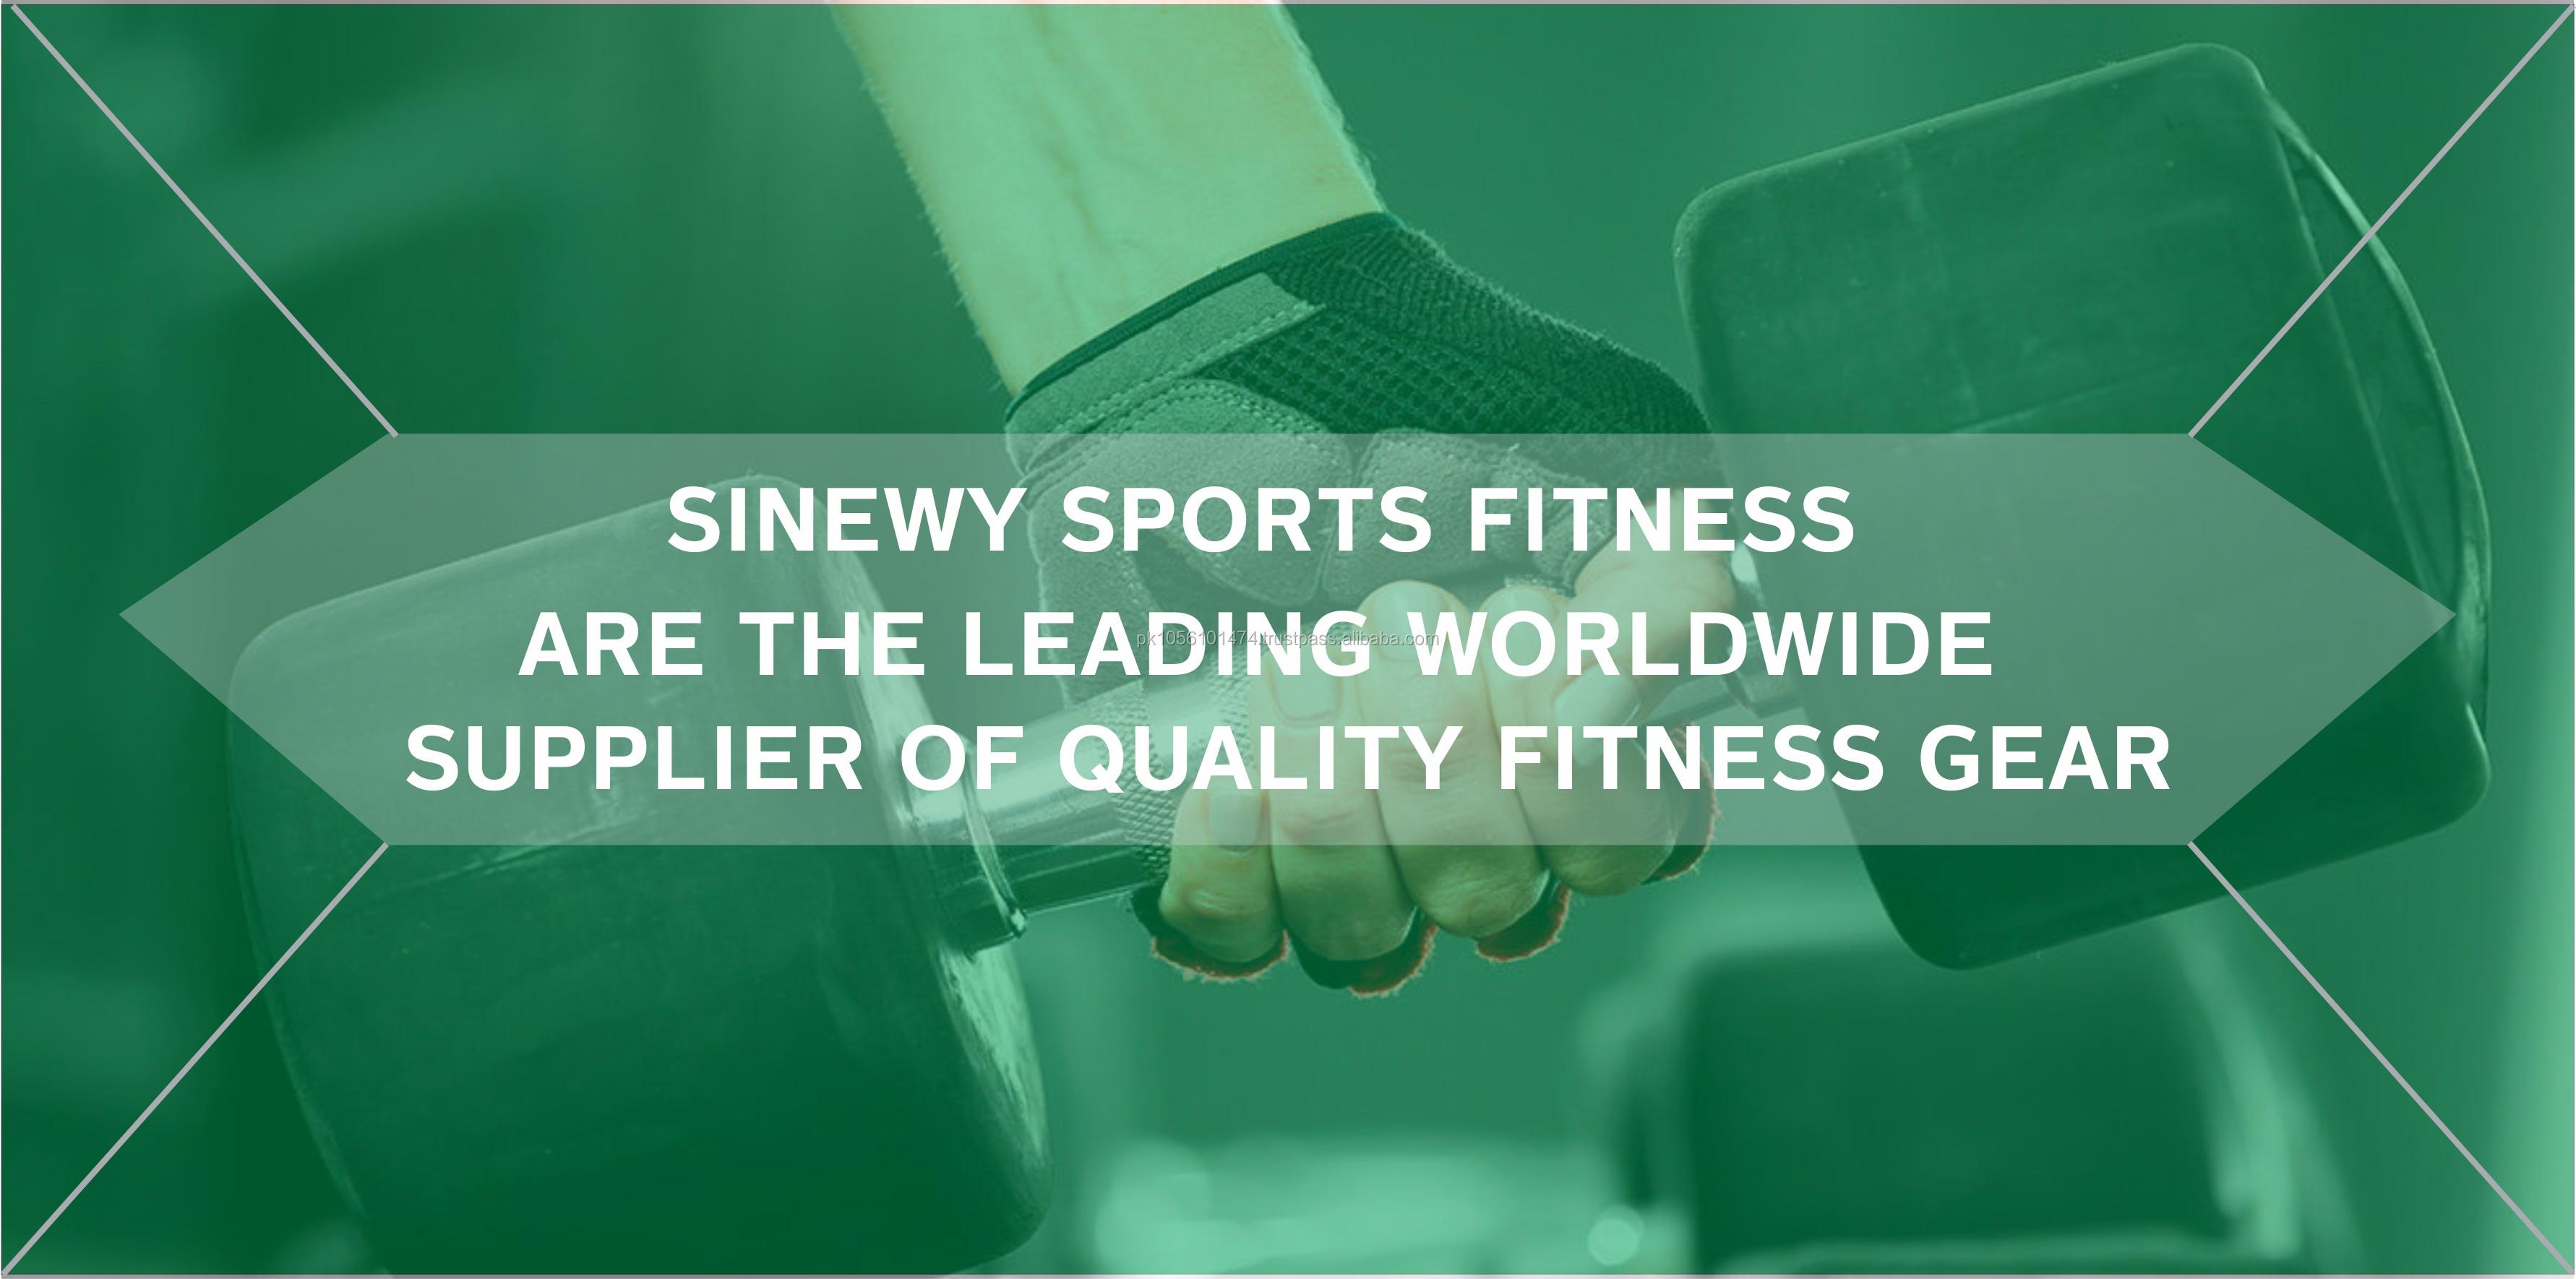 Burtono profissional de fitness de couro treino ginásio luvas de treinamento homens